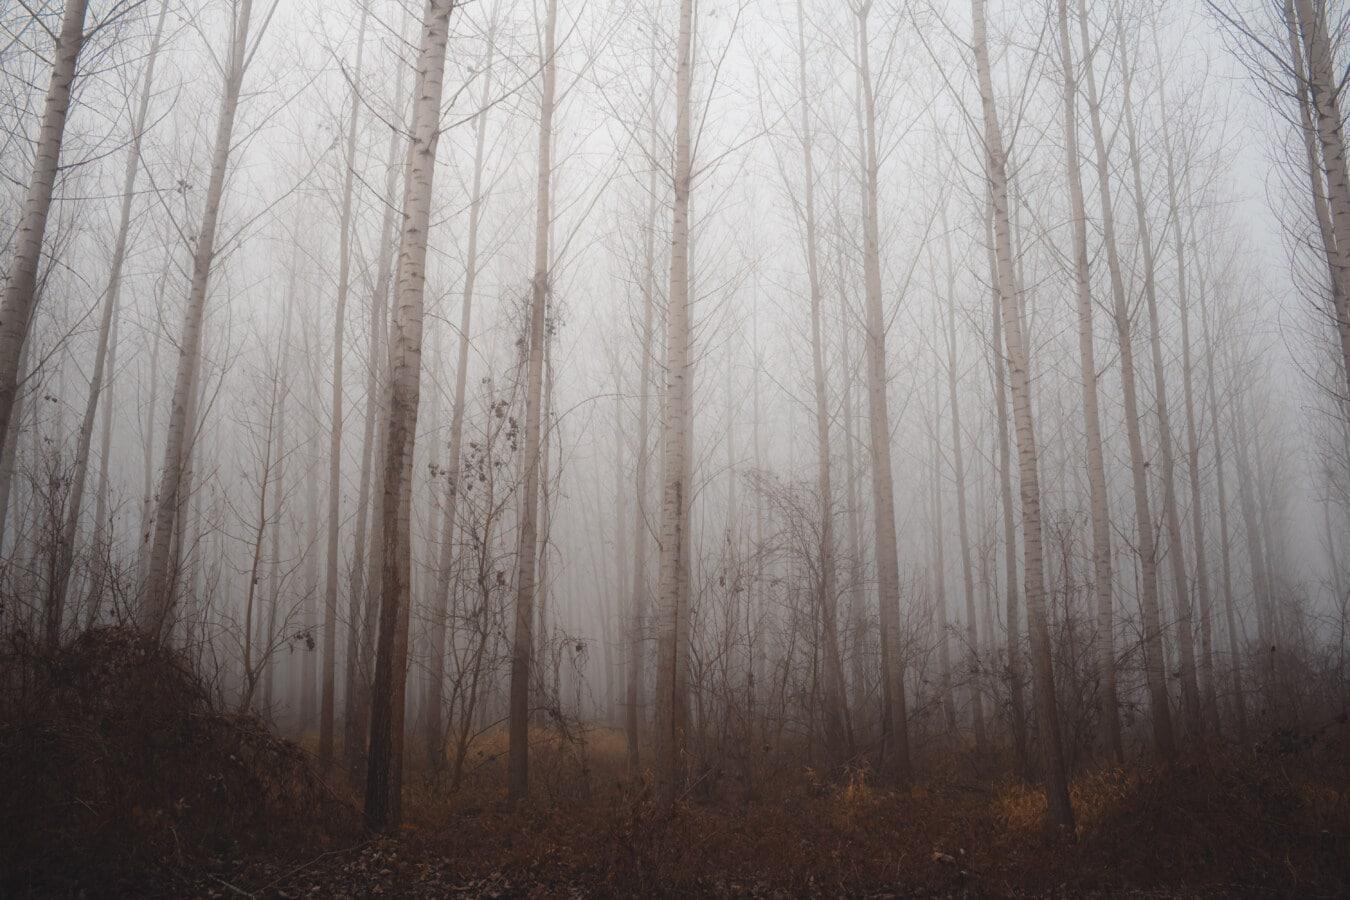 brumeux, forêt, bois, peuplier, arbres, brume, matin, brouillard, paysage, arbre